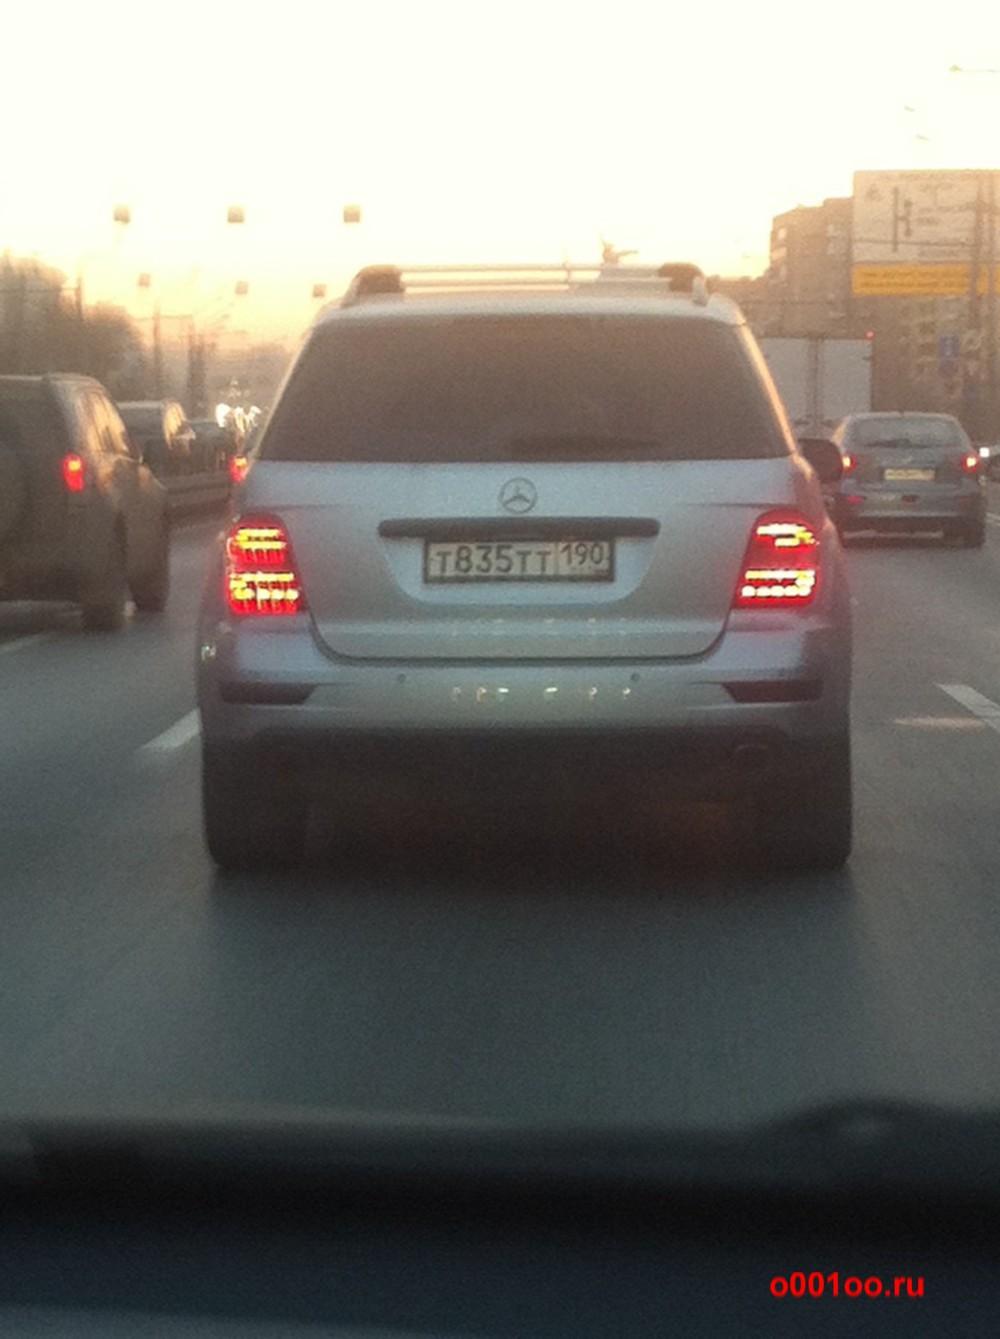 т835тт190